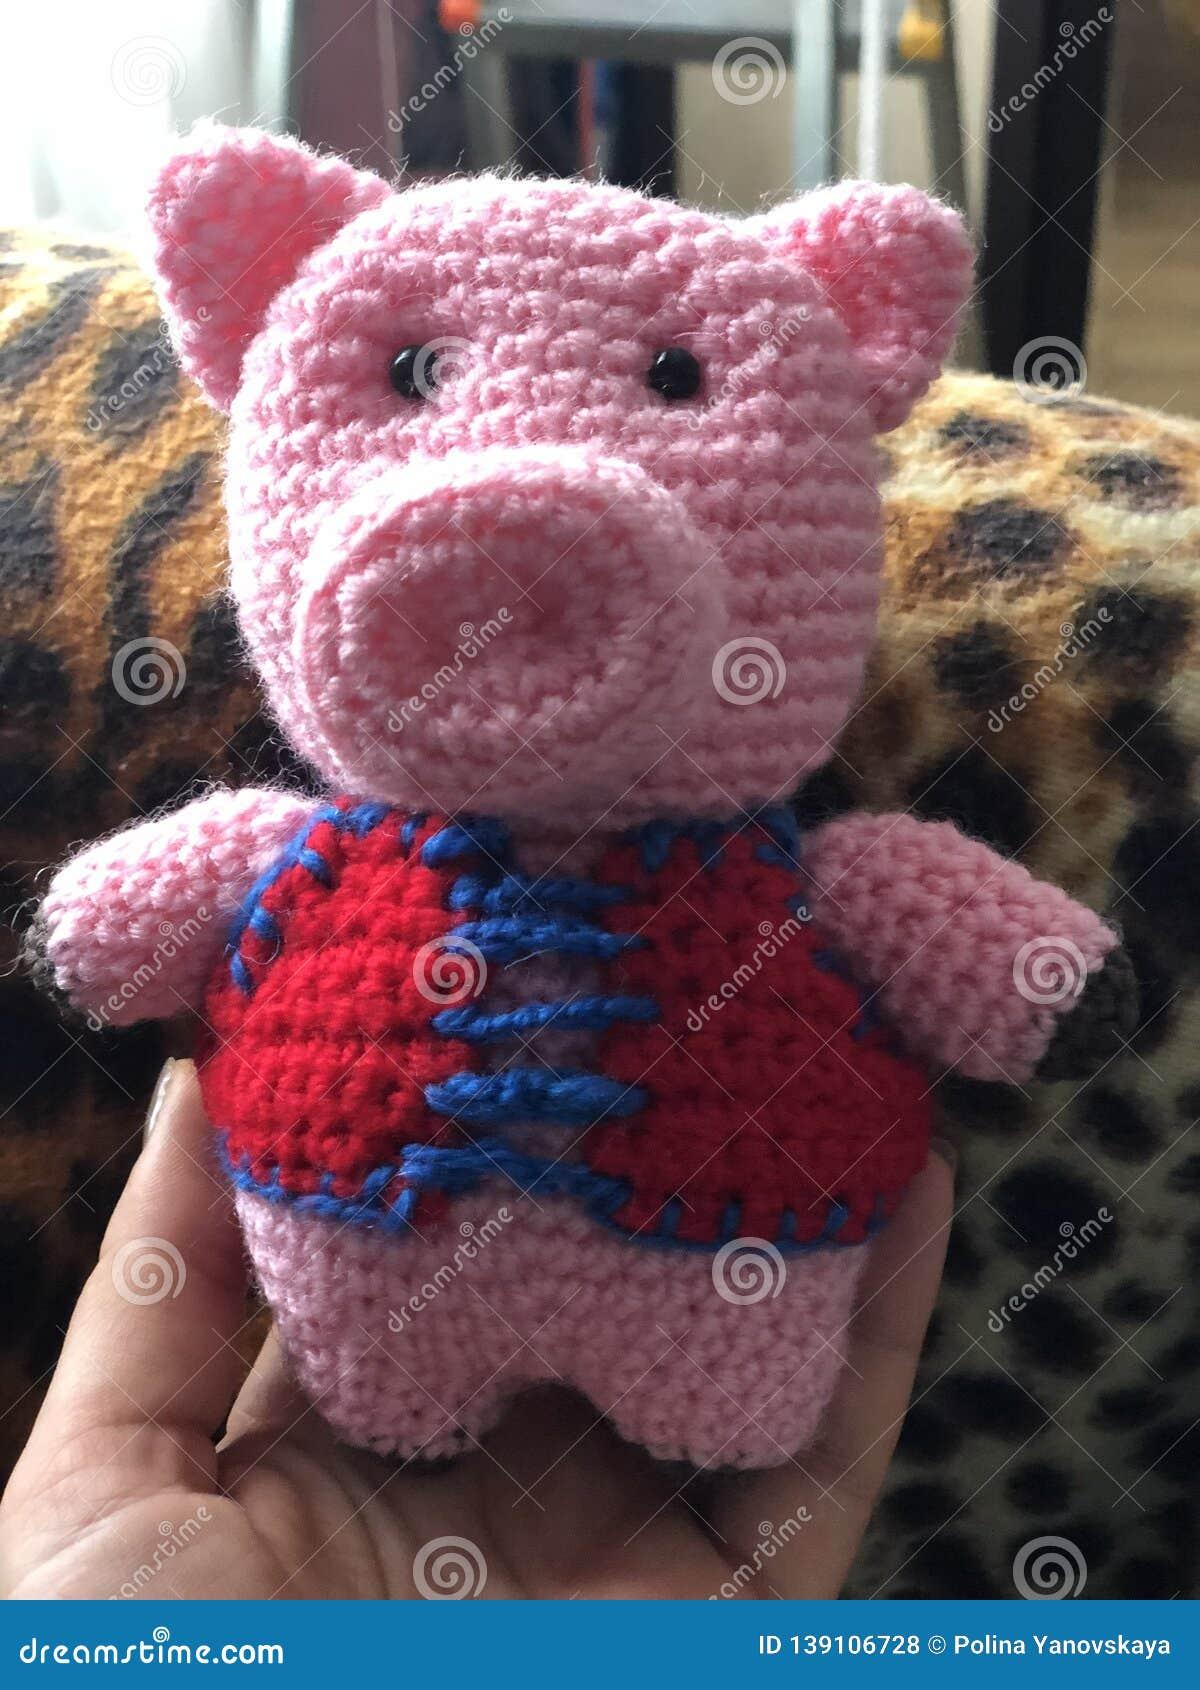 Handgemachtes gestricktes Schwein des Spielzeugs Rosa in der roten Abschürfung